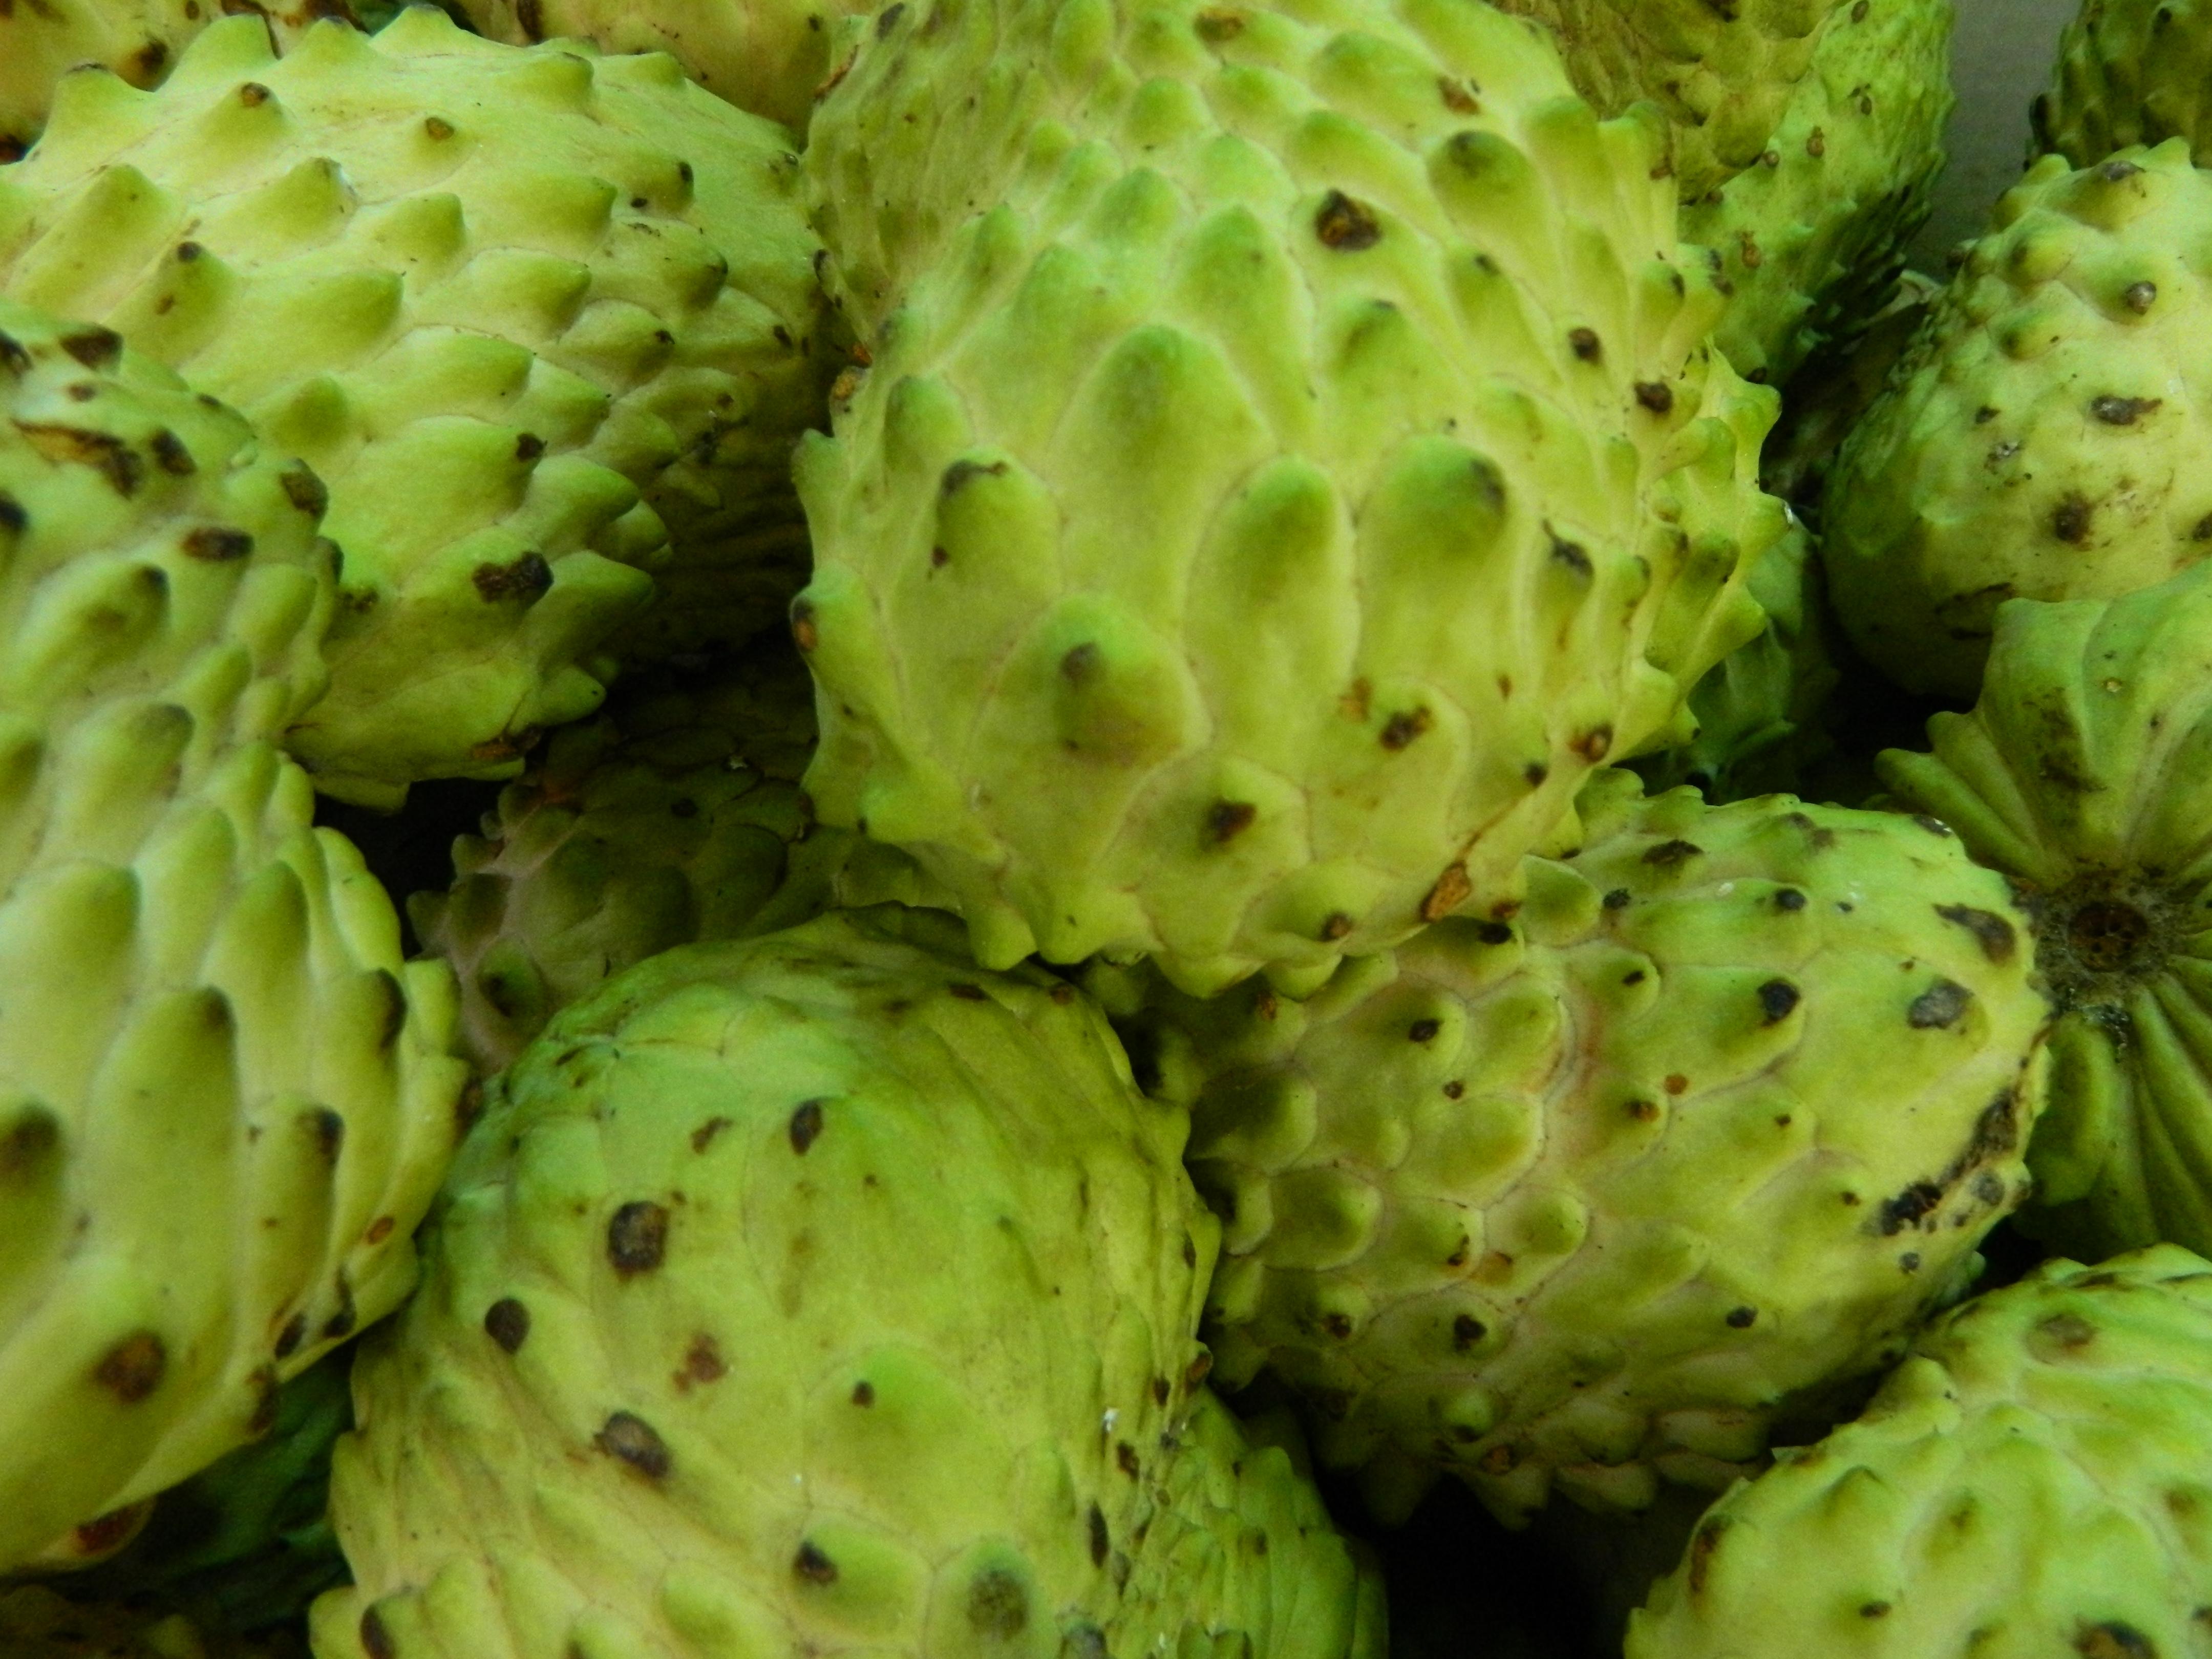 Зеленый пупырчатый овощ название и фото